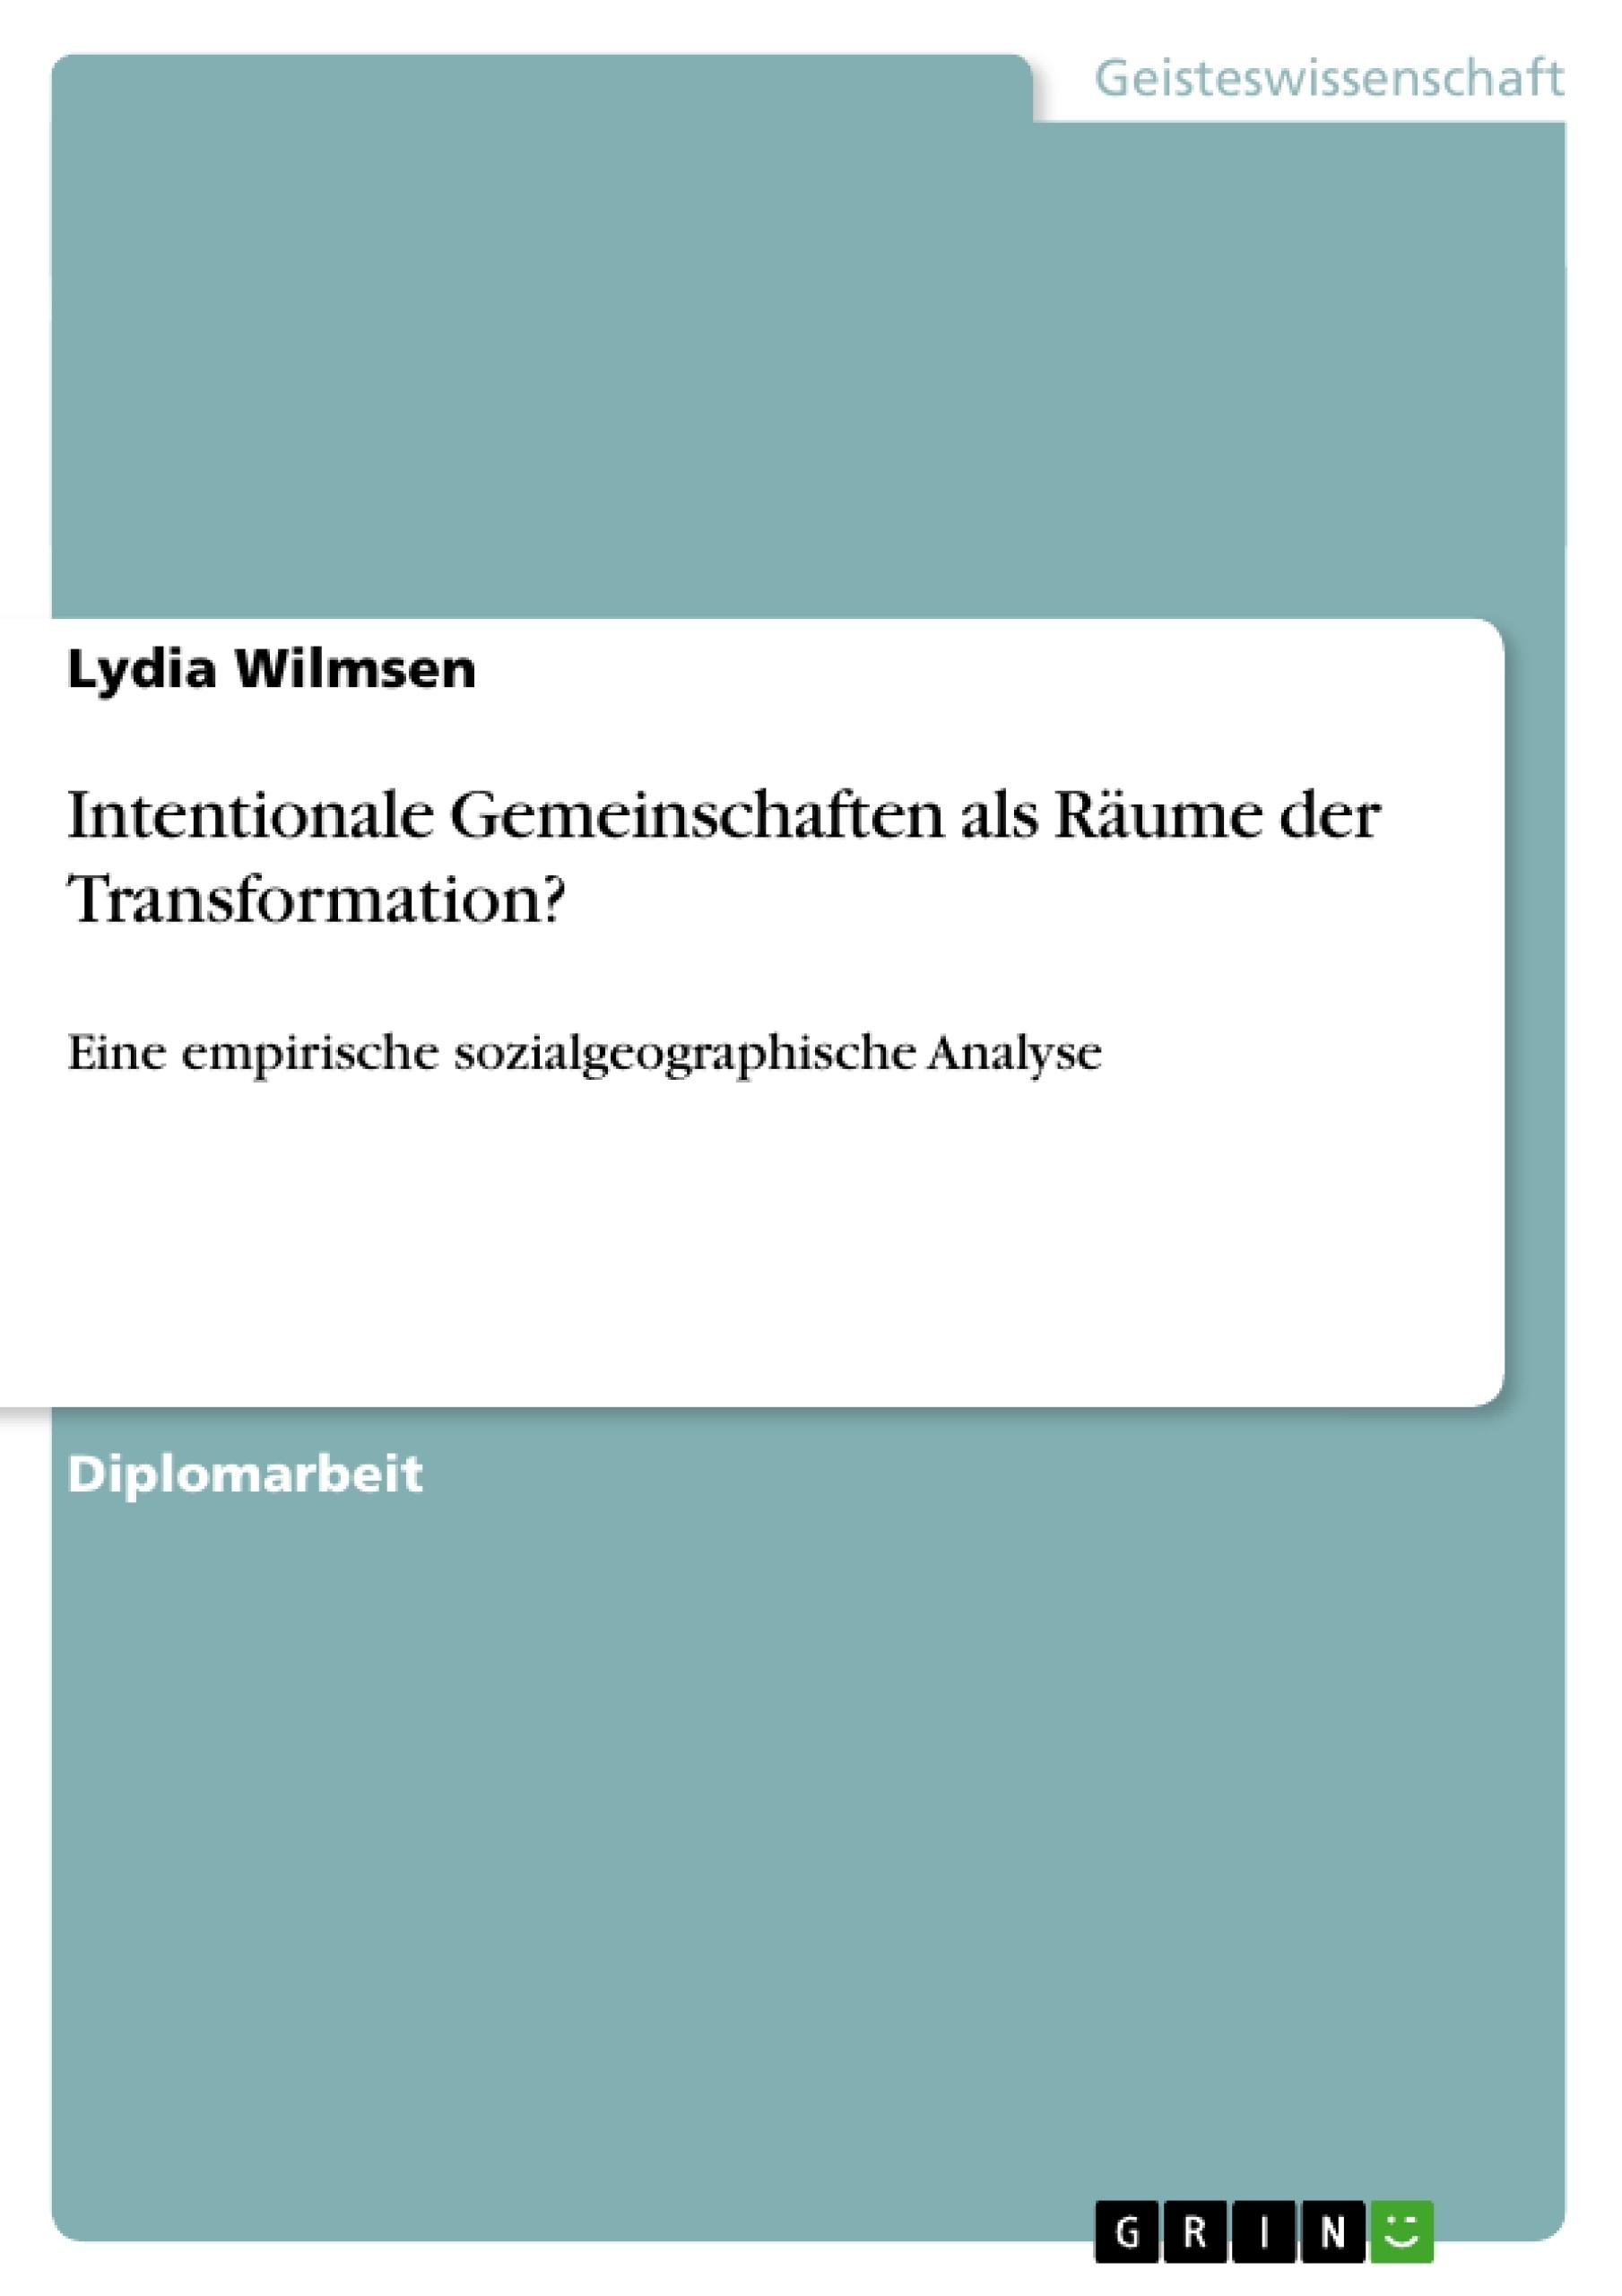 Titel: Intentionale Gemeinschaften als Räume der Transformation?